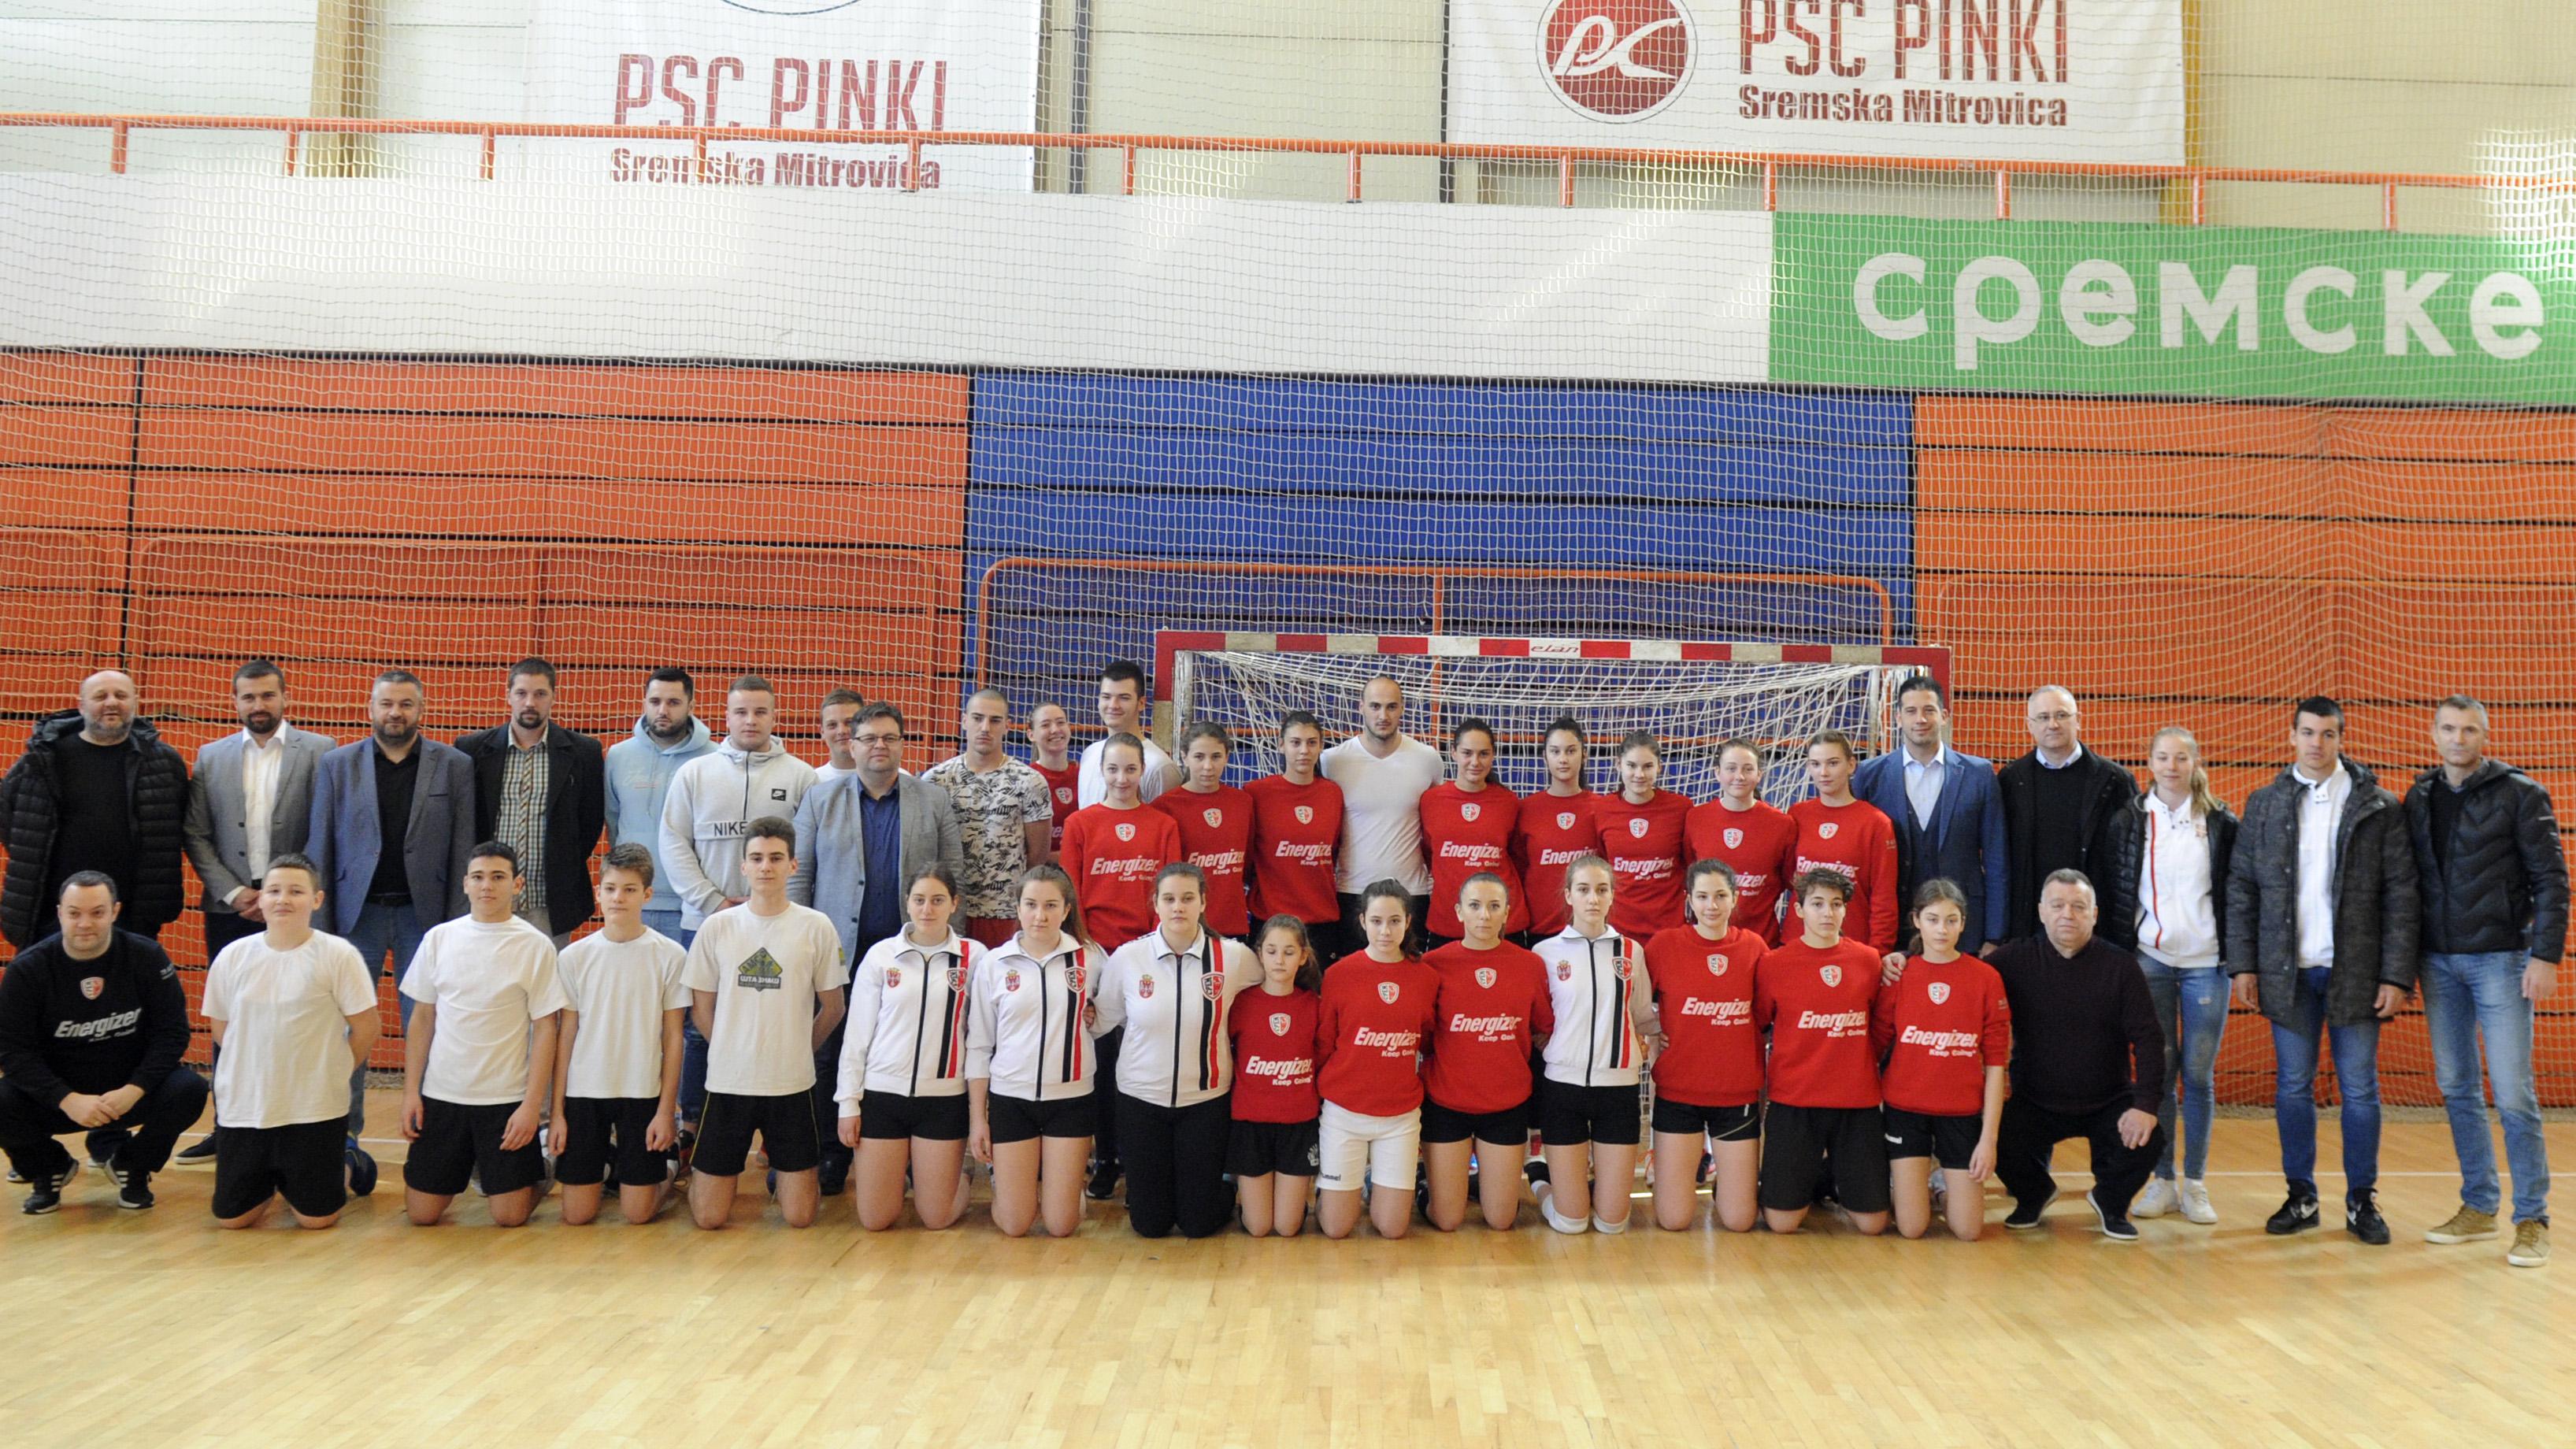 Ministar Udovičić se družio sa učenicima i mladim sportistima u Sremskoj Mitrovici i obradovao ih sportskom opremom i rekvizitima